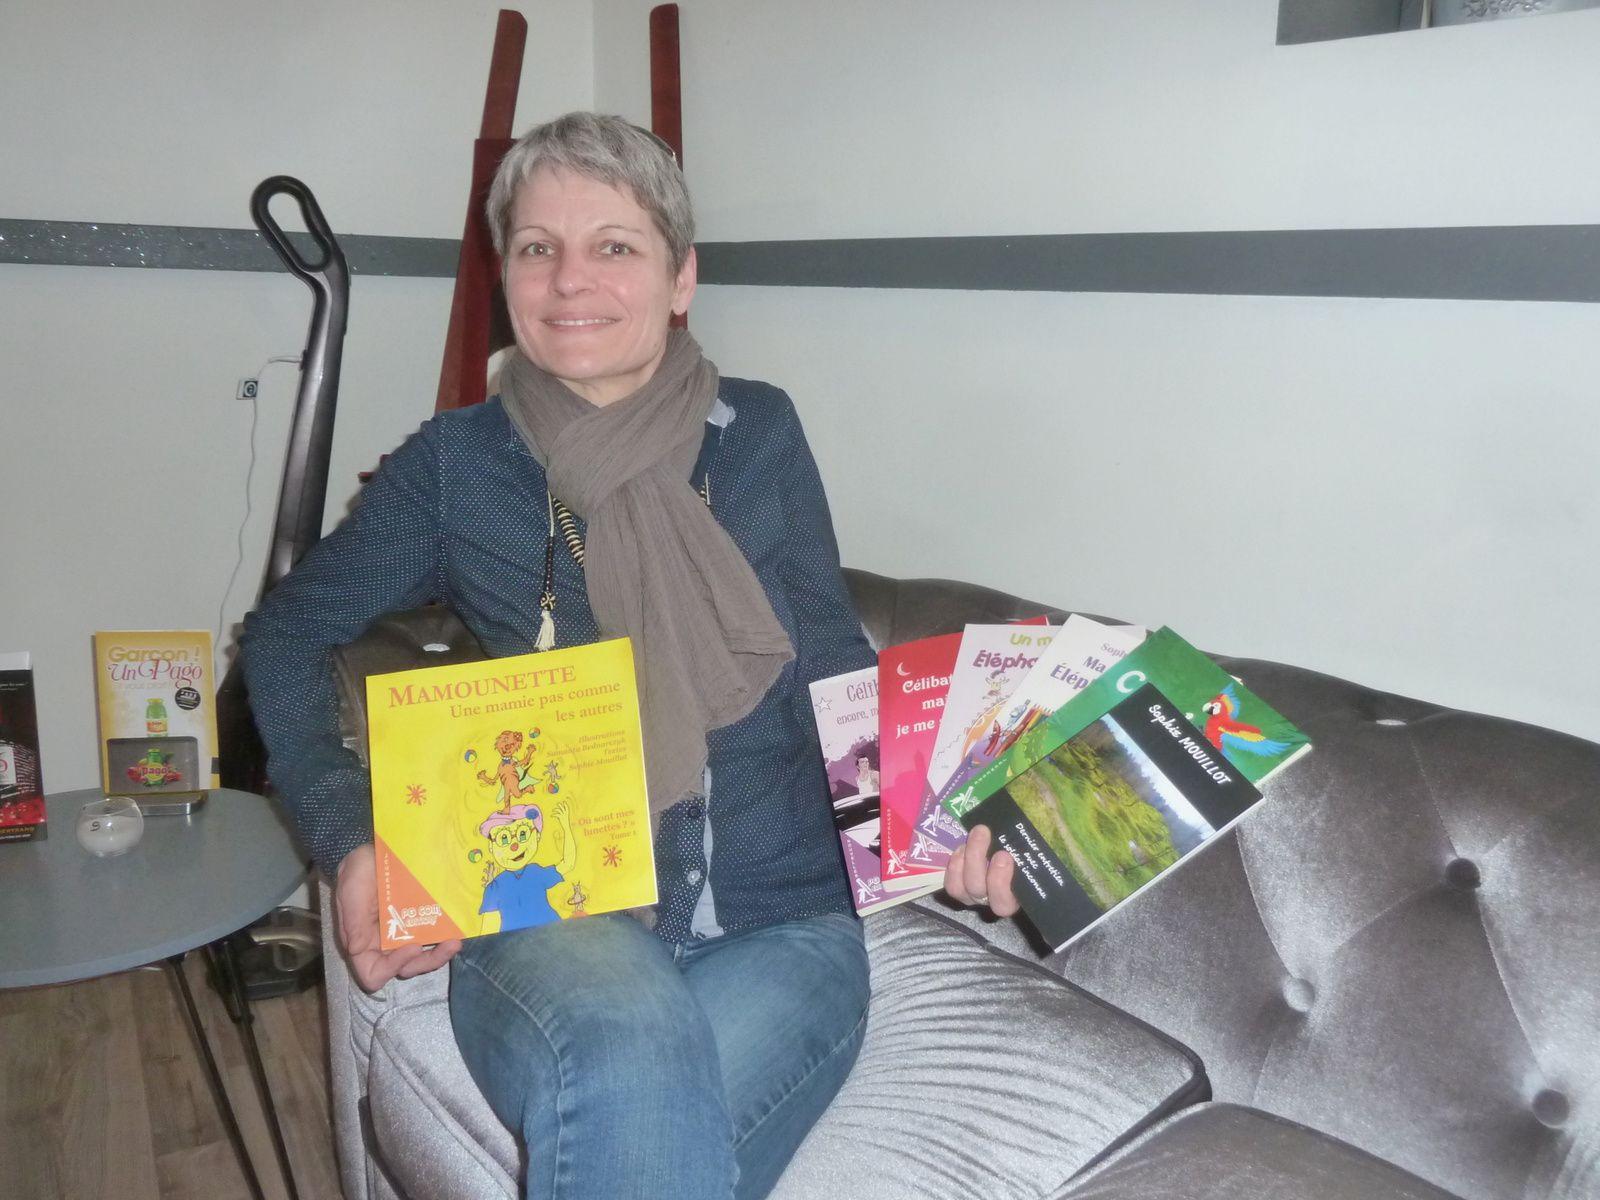 12 - Bordeaux-Saintes: Zydrunas Savickas maillot jaune. Sophie Mouillot auteure saintaise. Nuit de l'eau avec l'UNICEF